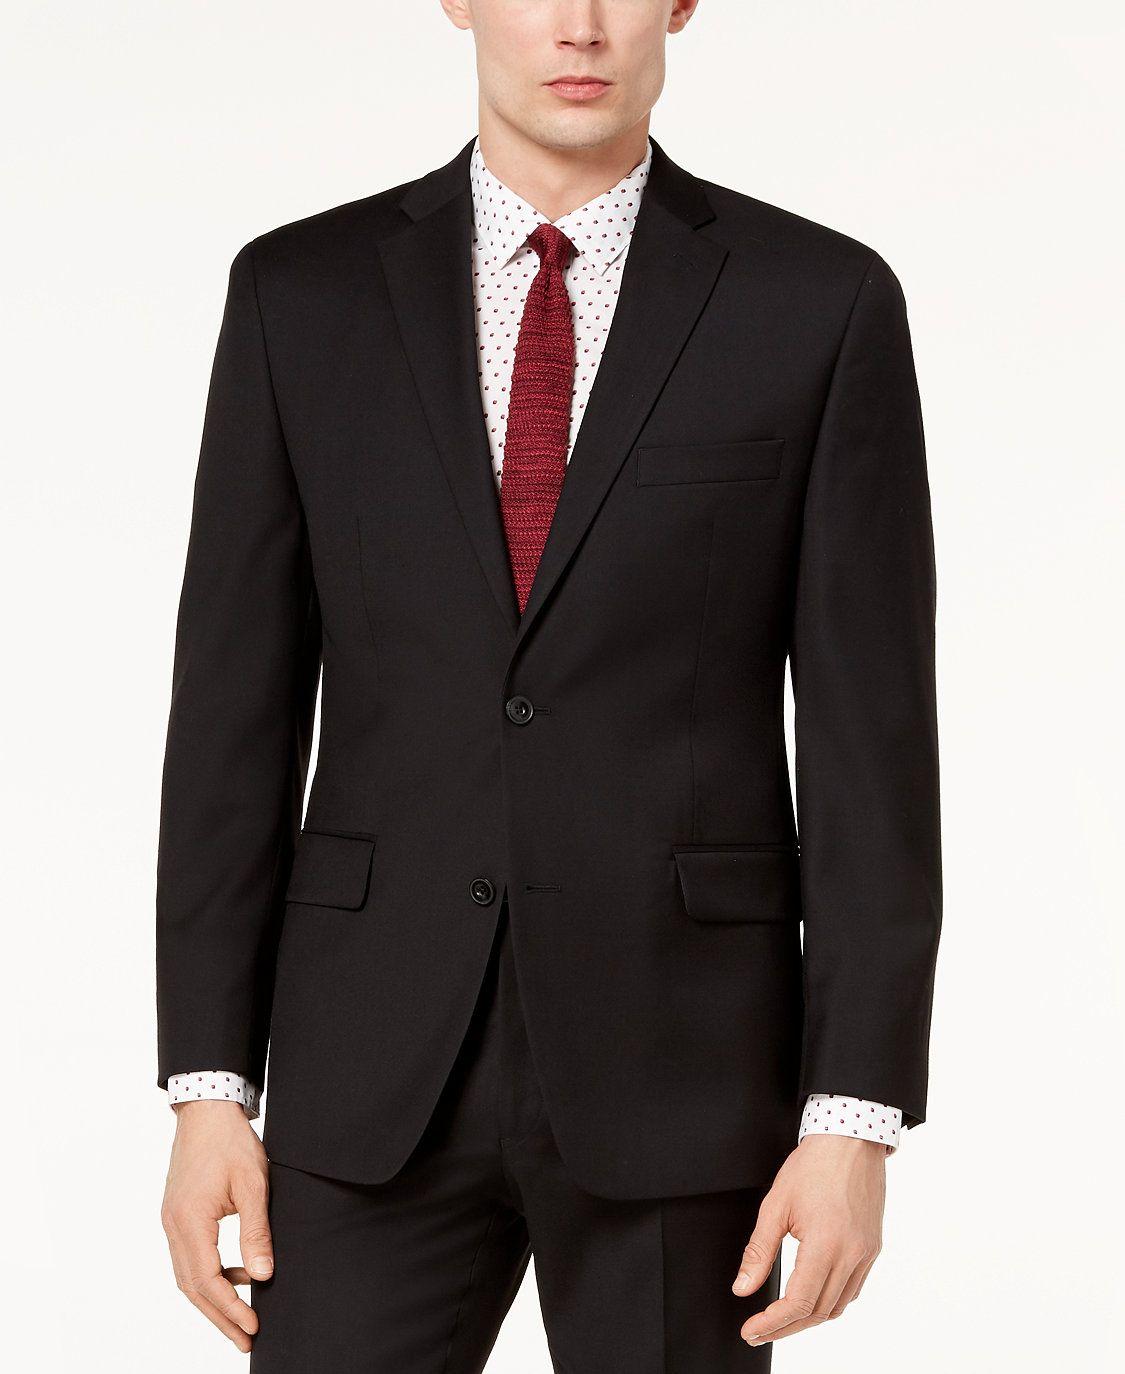 Closeout Men S Classic Fit Airsoft Stretch Black Solid Suit Jacket In 2020 Michael Kors Men Mens Sport Coat Suit Jacket [ 1374 x 1125 Pixel ]